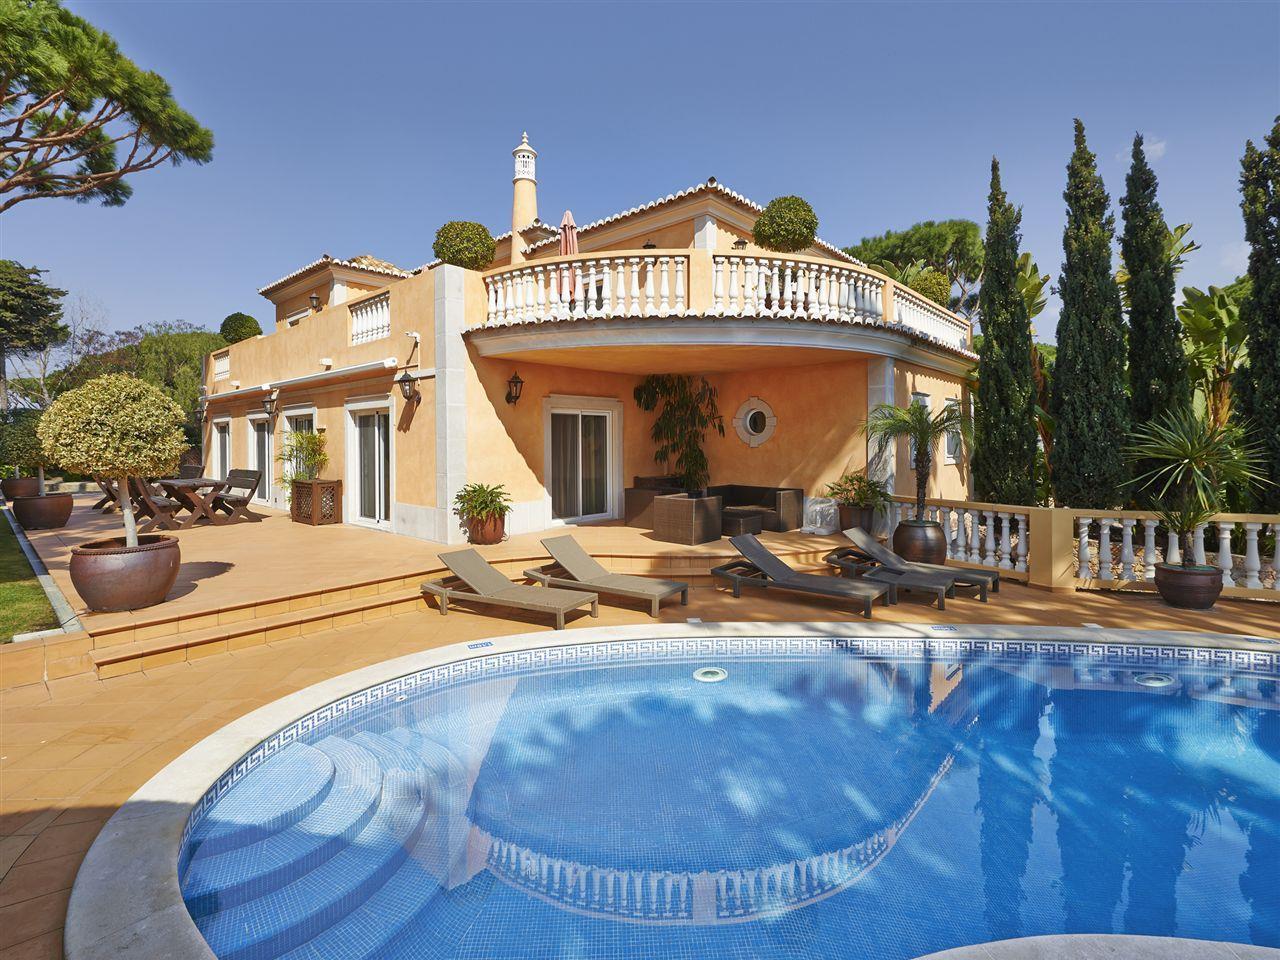 Einfamilienhaus für Verkauf beim Detached house, 4 bedrooms, for Sale Loule, Algarve Portugal